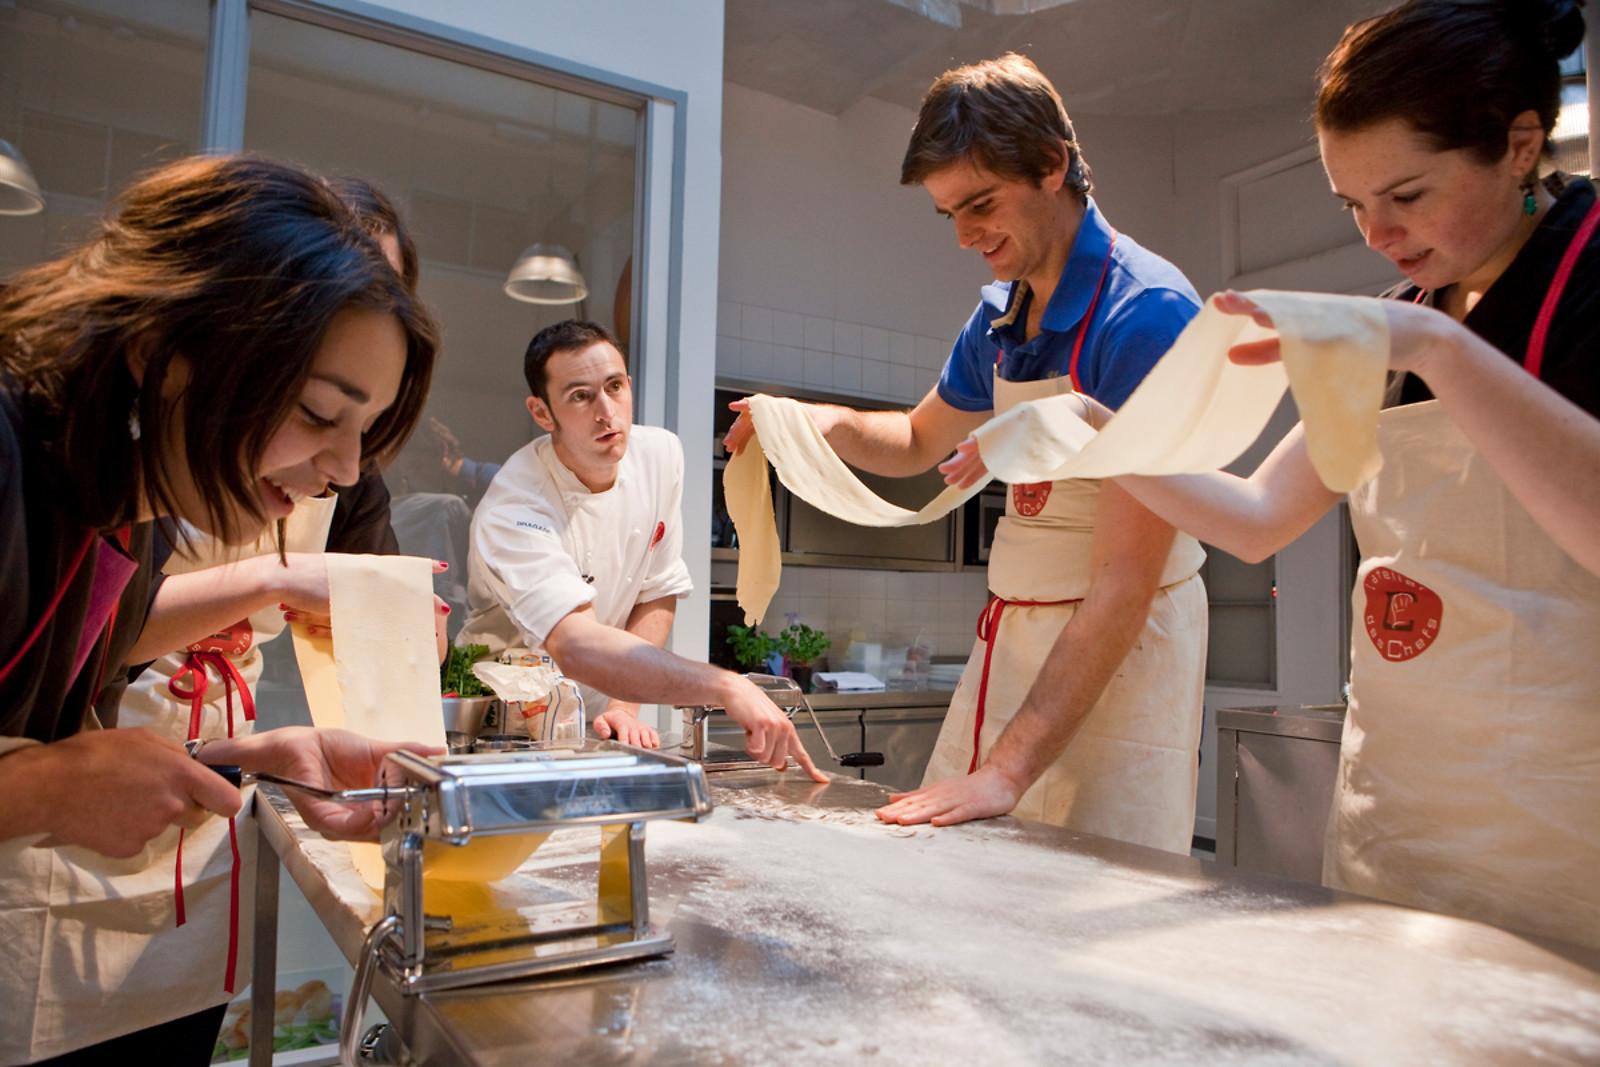 Un cours de cuisine l 39 atelier des chefs lyon 69 for Atelier de cuisine lyon